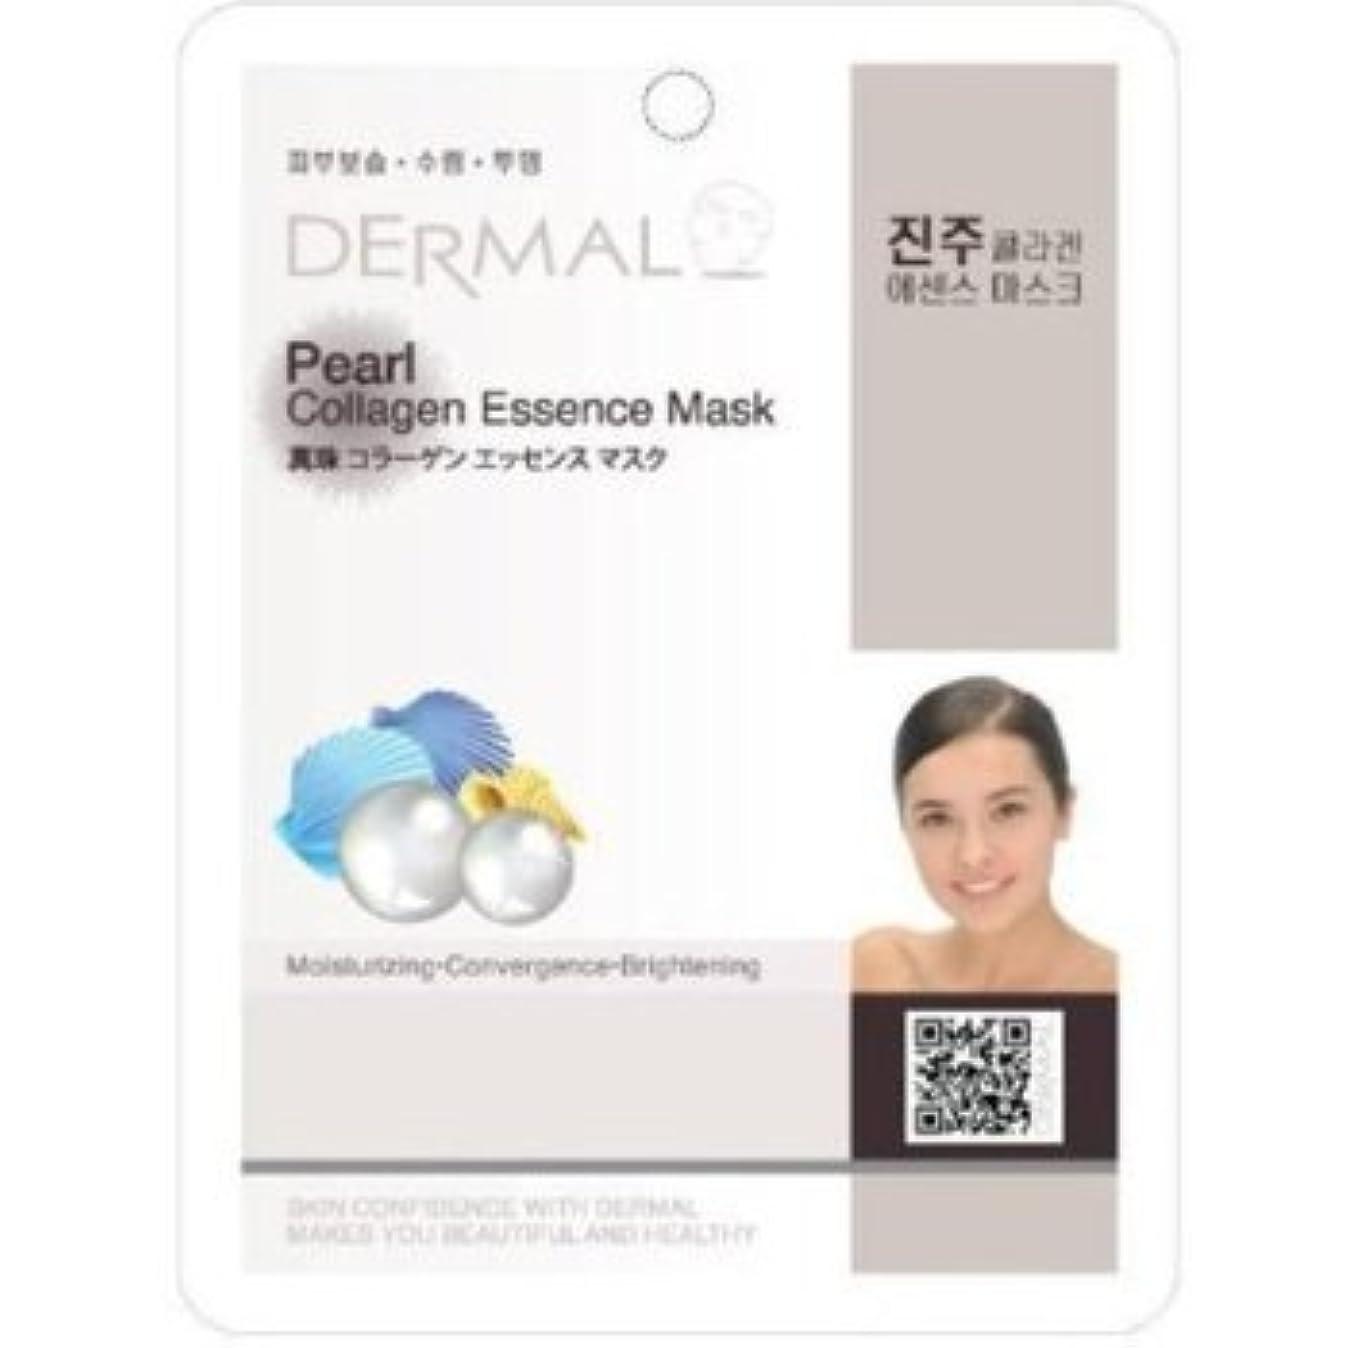 高揚した嵐生物学Dermal Korea Collagen Essence Full Face Facial Mask Sheet - Pearl (100 pcs, 1box)